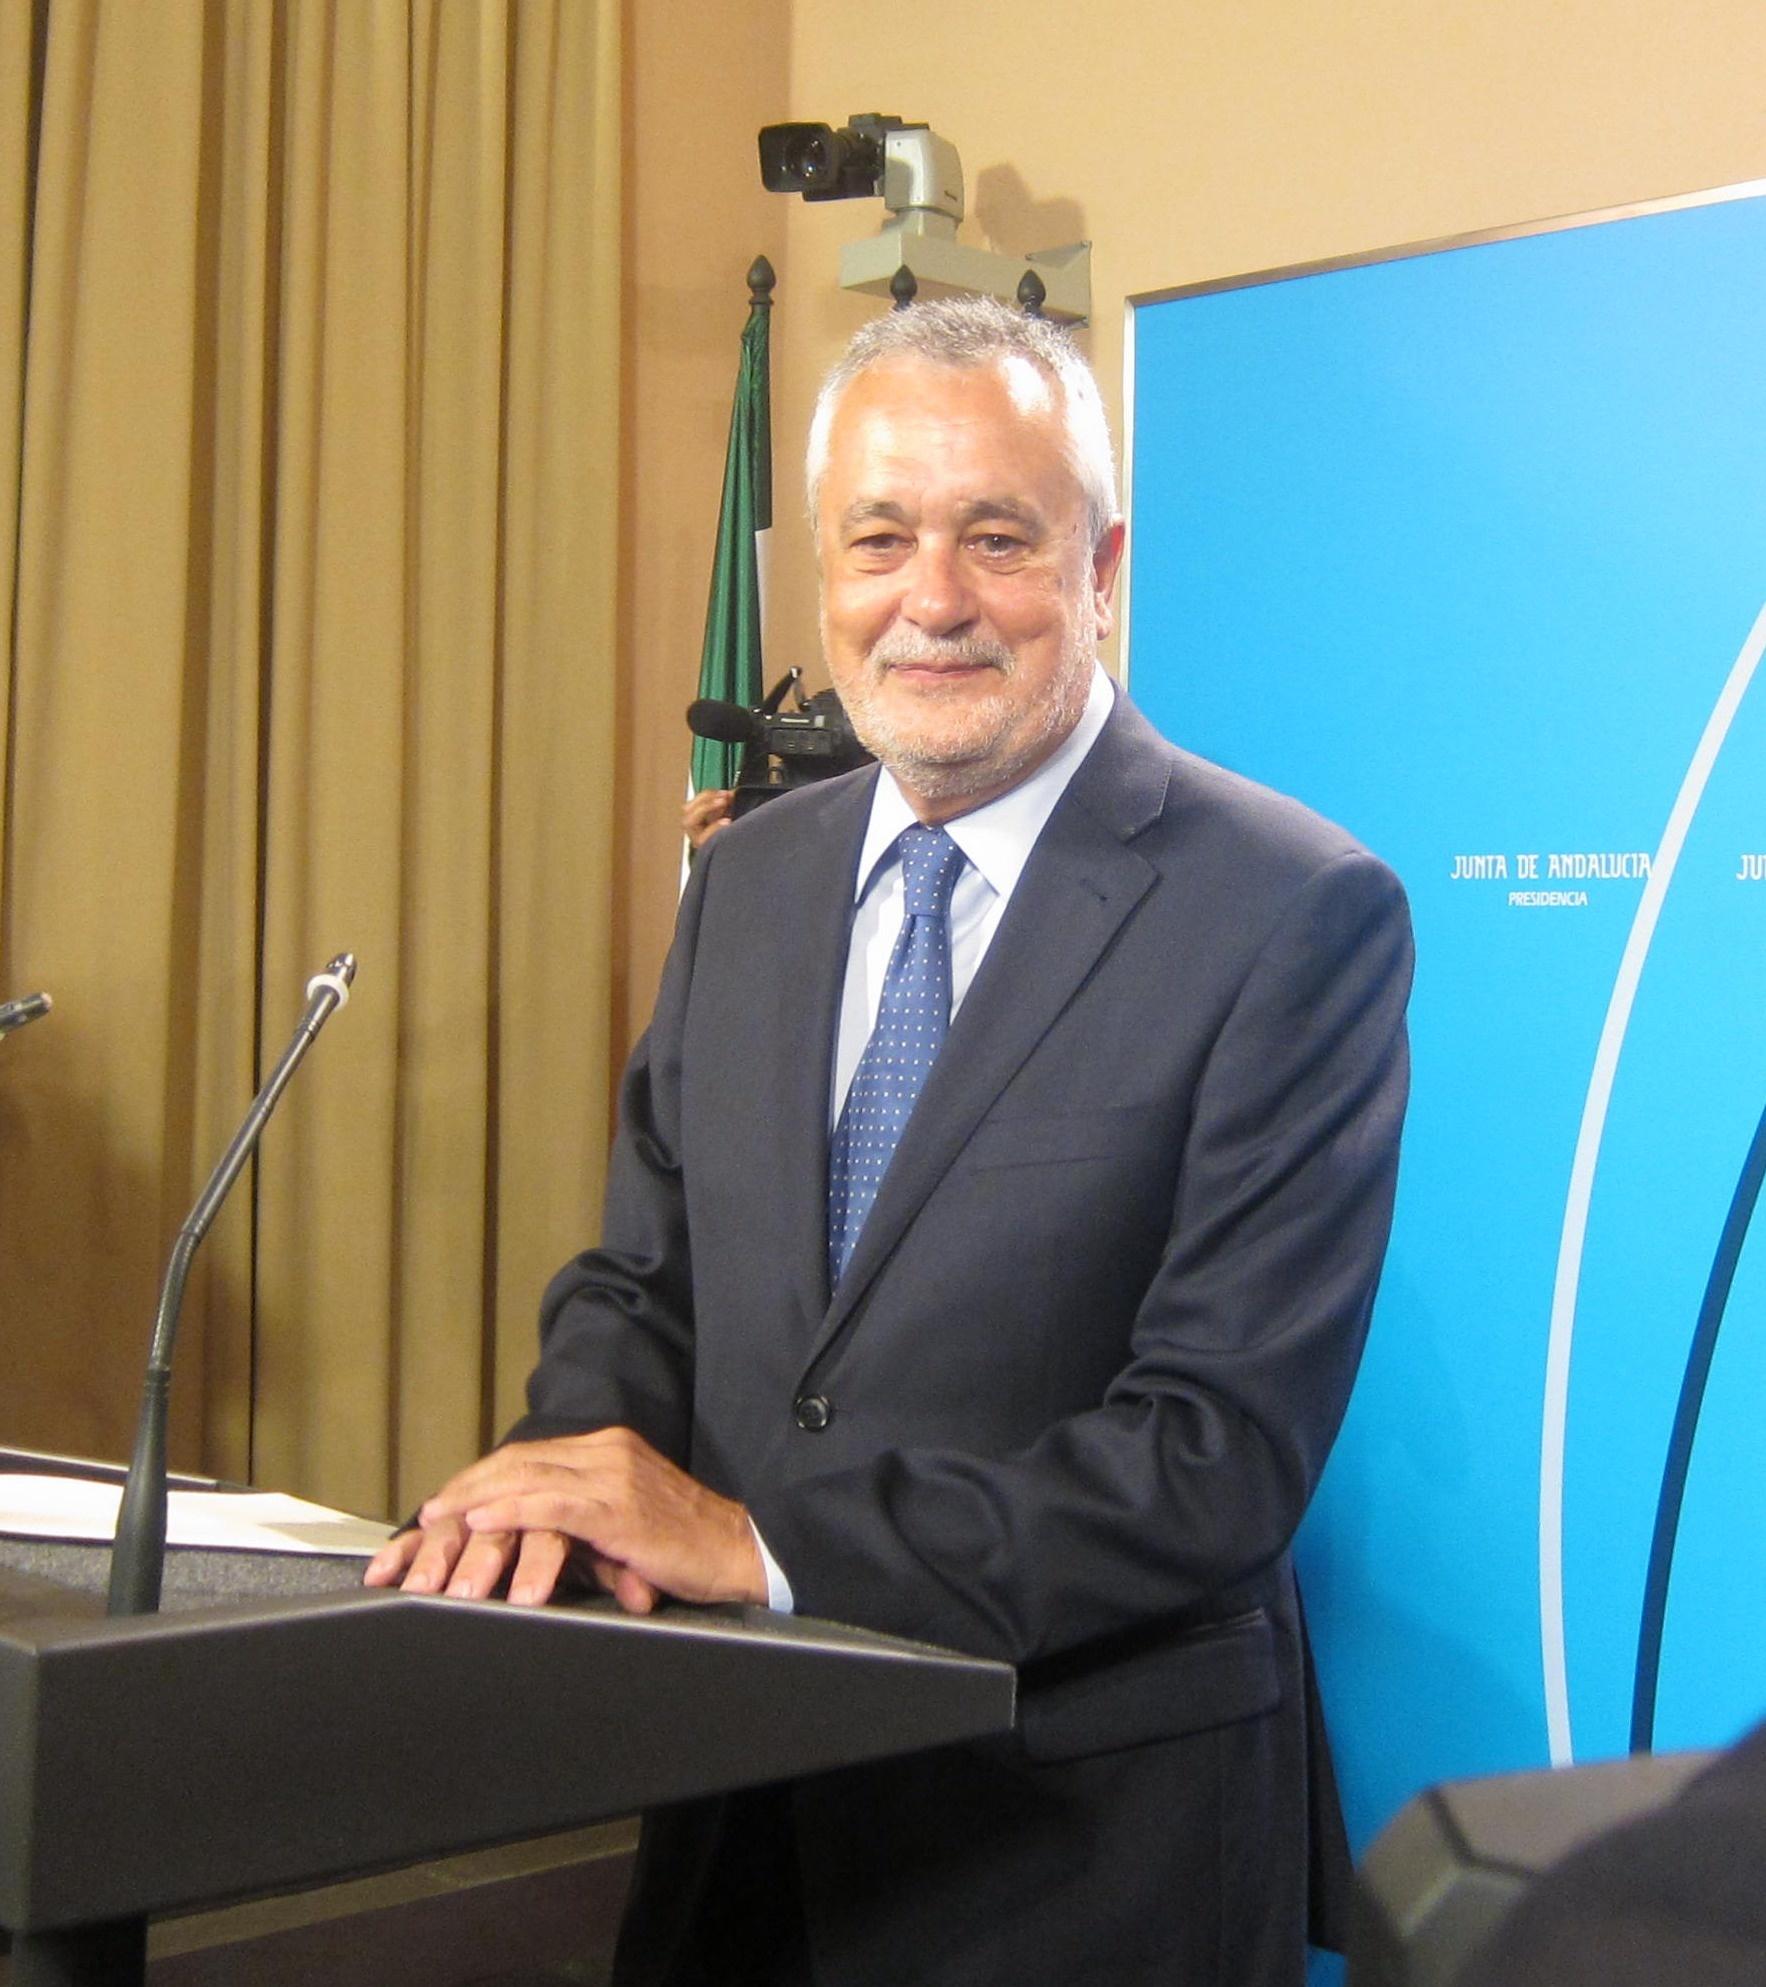 Posada le desea lo mejor a Griñán y dice que «ha trabajado mucho por Andalucía y España»